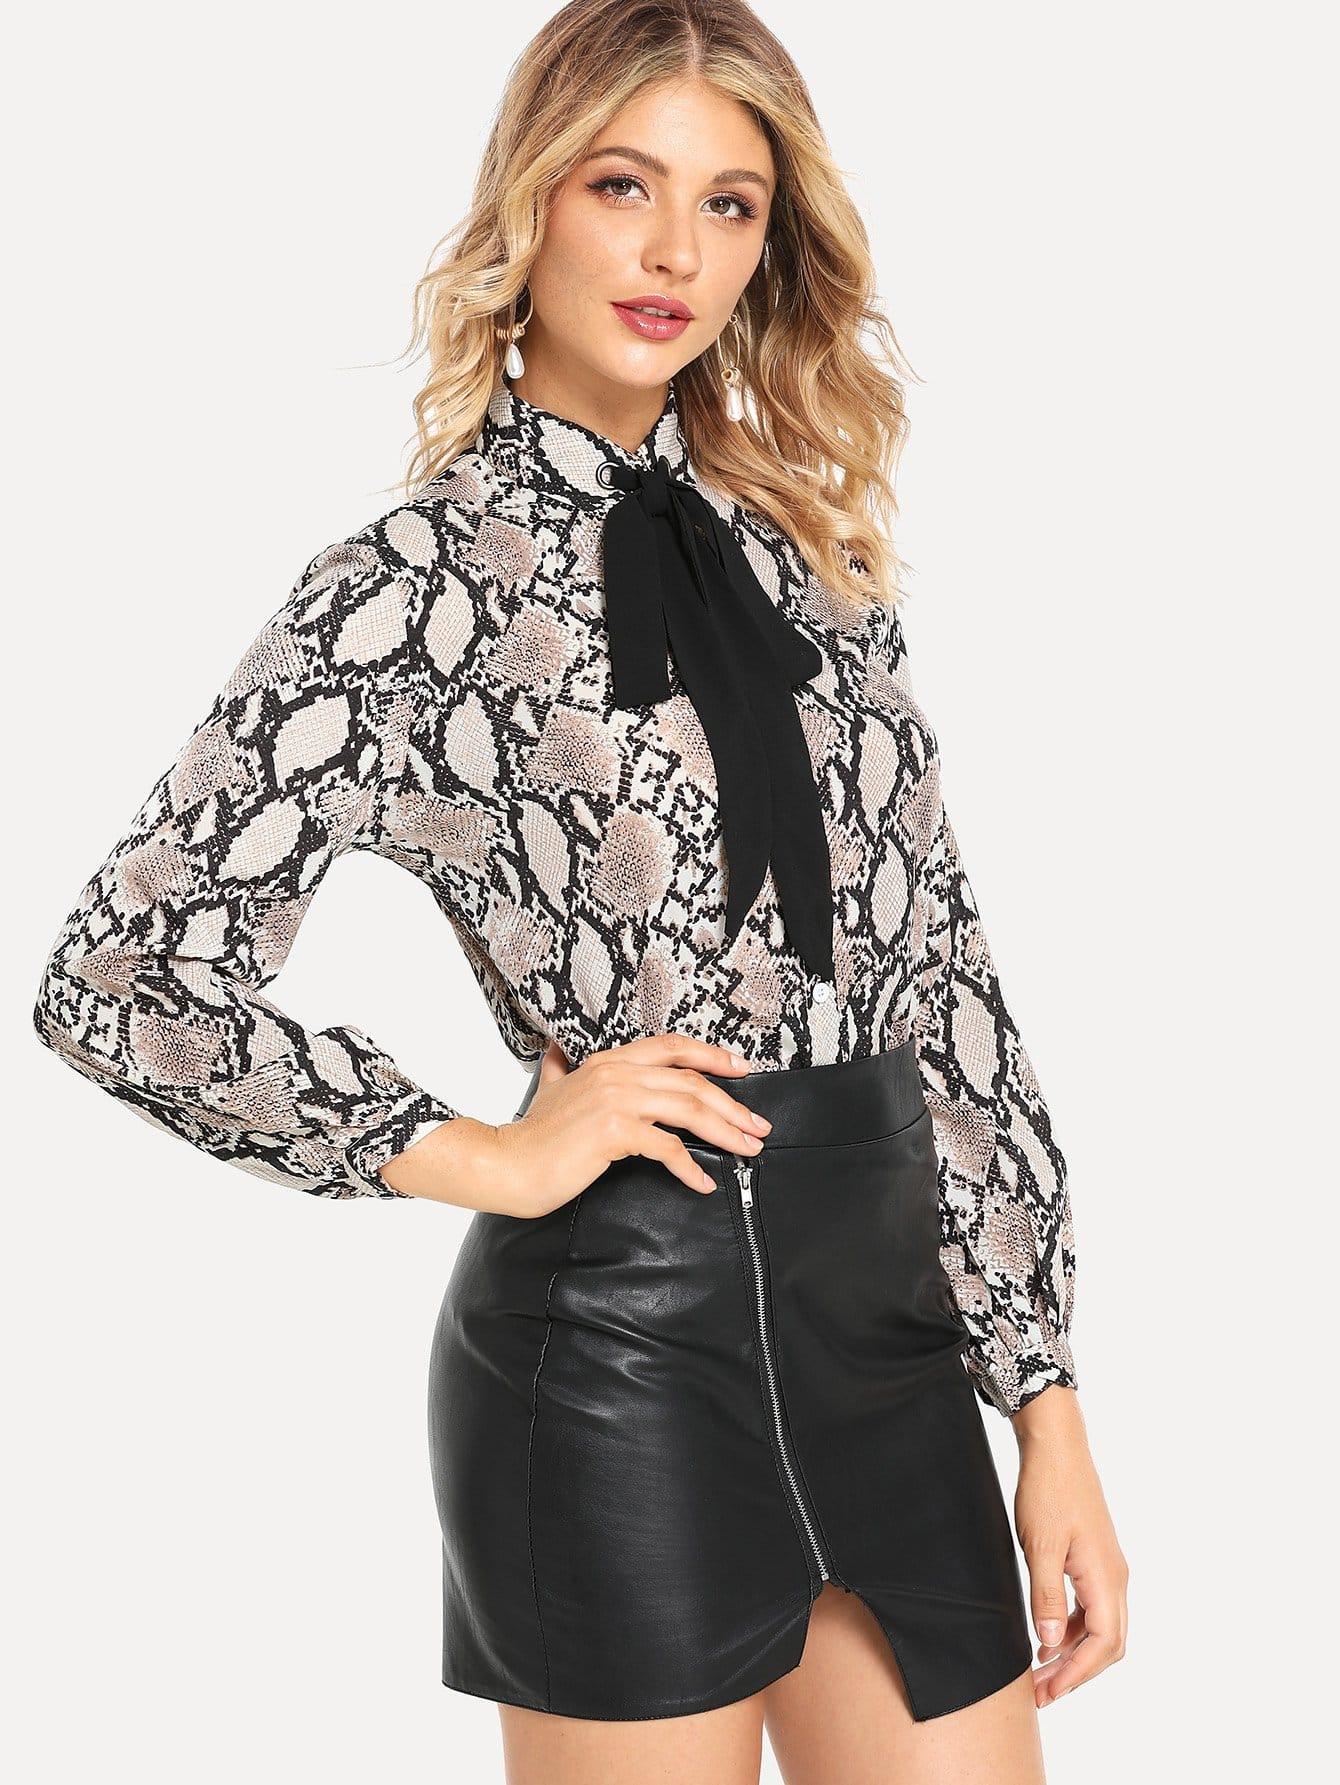 Купить Многоцветный воротник-бант Кокетливый стиль Блузы+рубашки, Nathane, SheIn